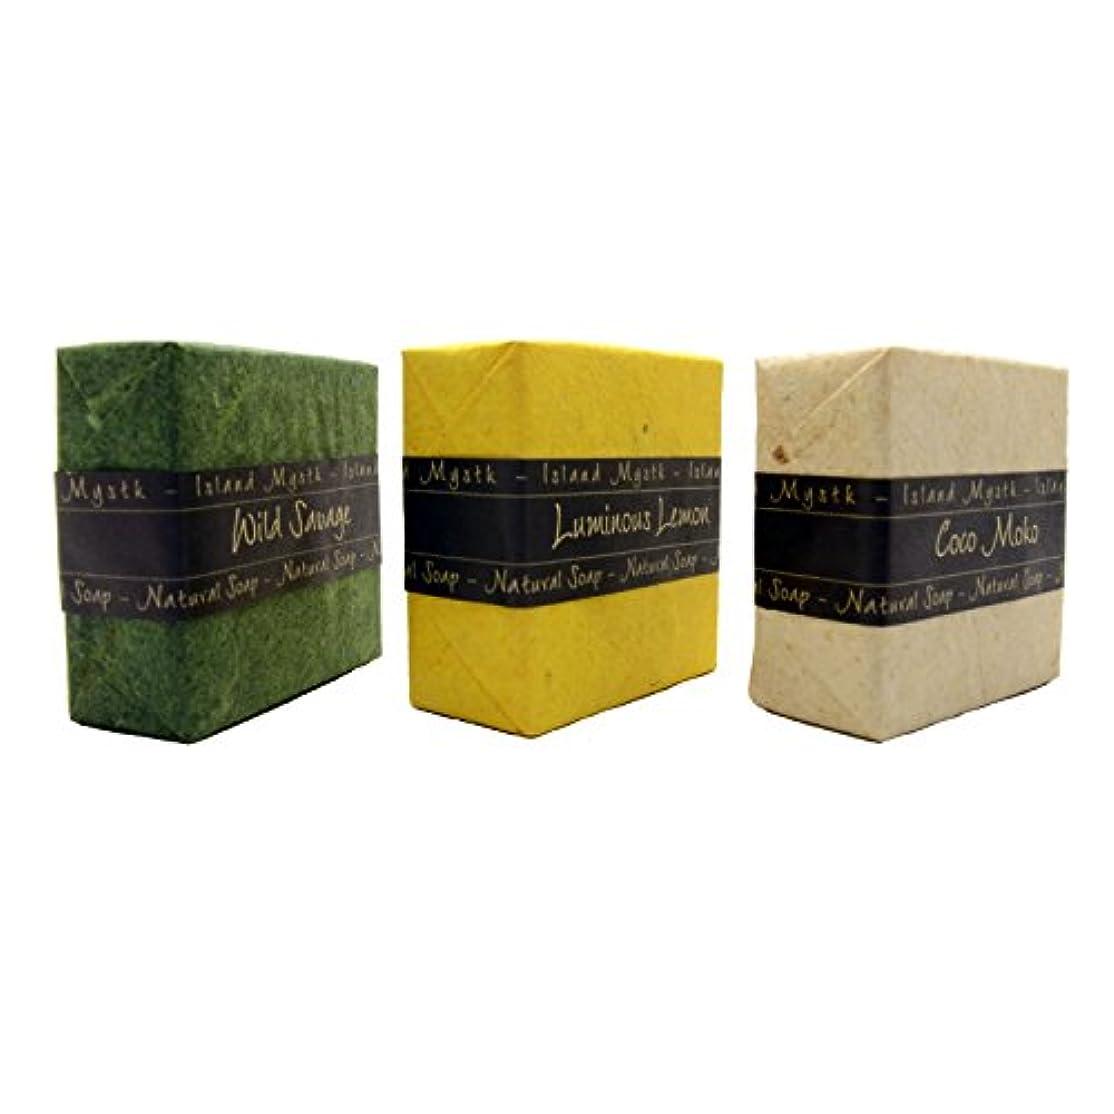 口実電話に出るセクタアイランドミスティック 3個セット 緑黄白 115g×3 ココナッツ石鹸 バリ島 Island Mystk 天然素材100% 無添加 オーガニック